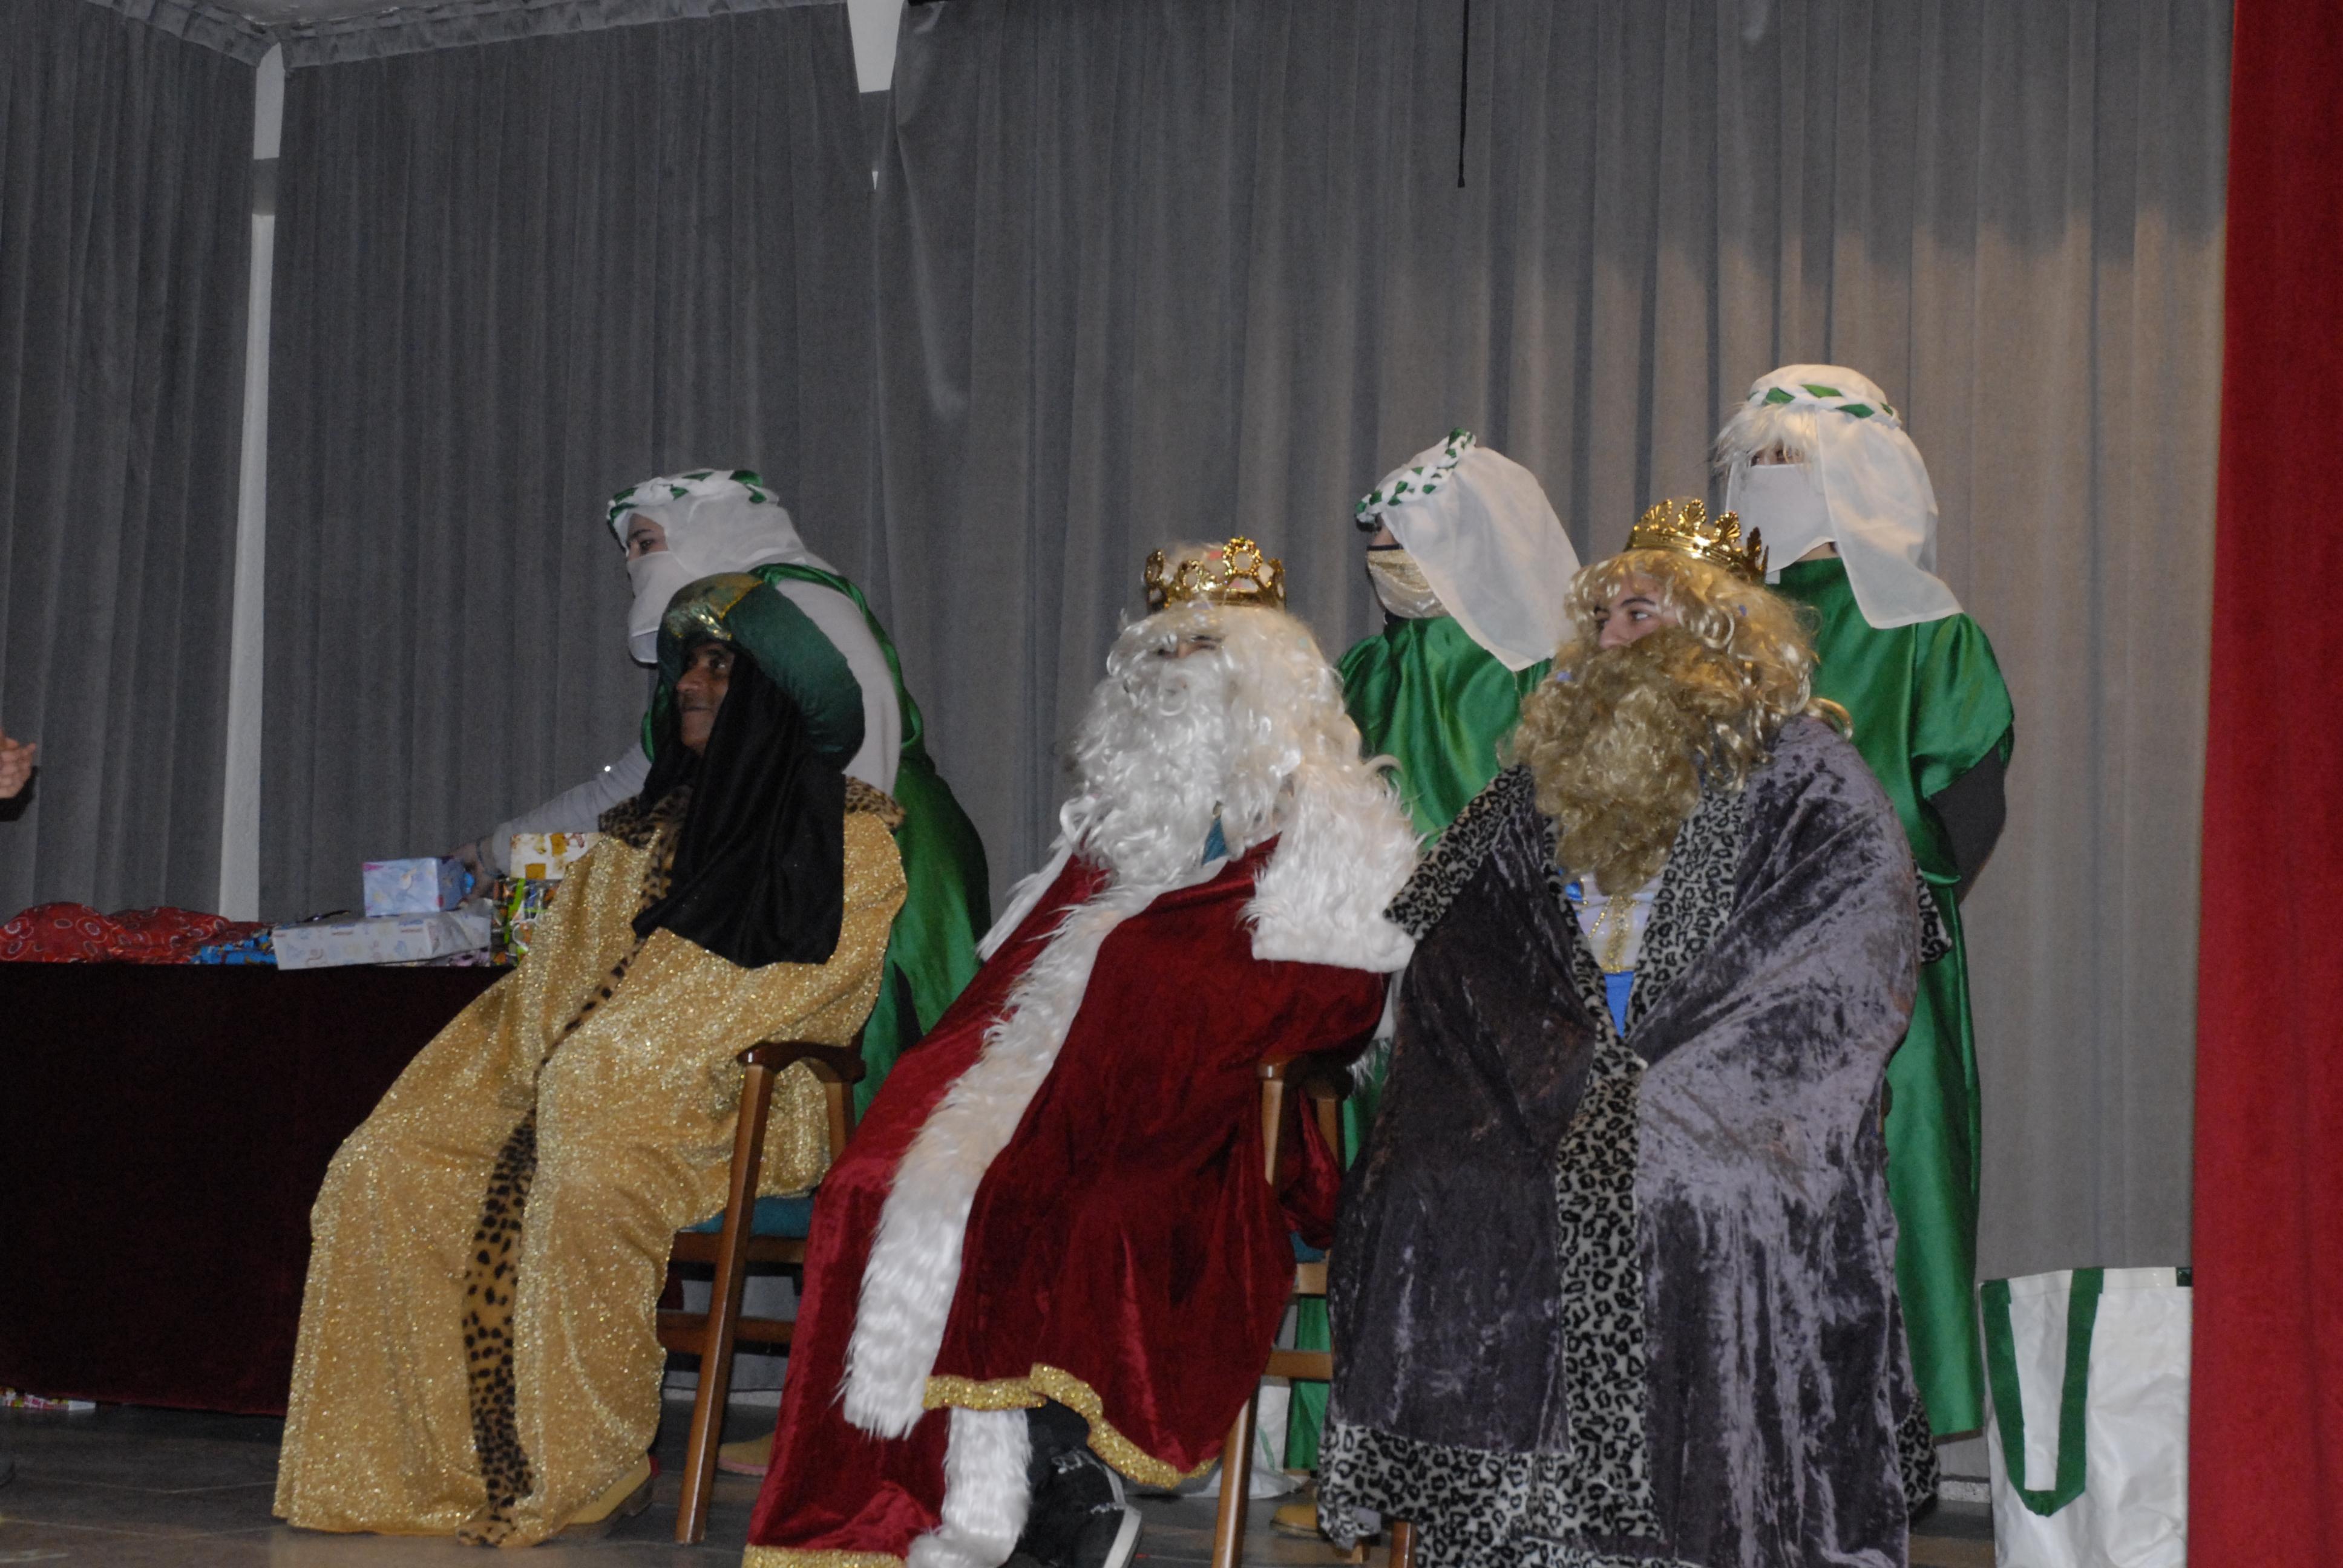 cabalgata-reyes-magos-2017-13